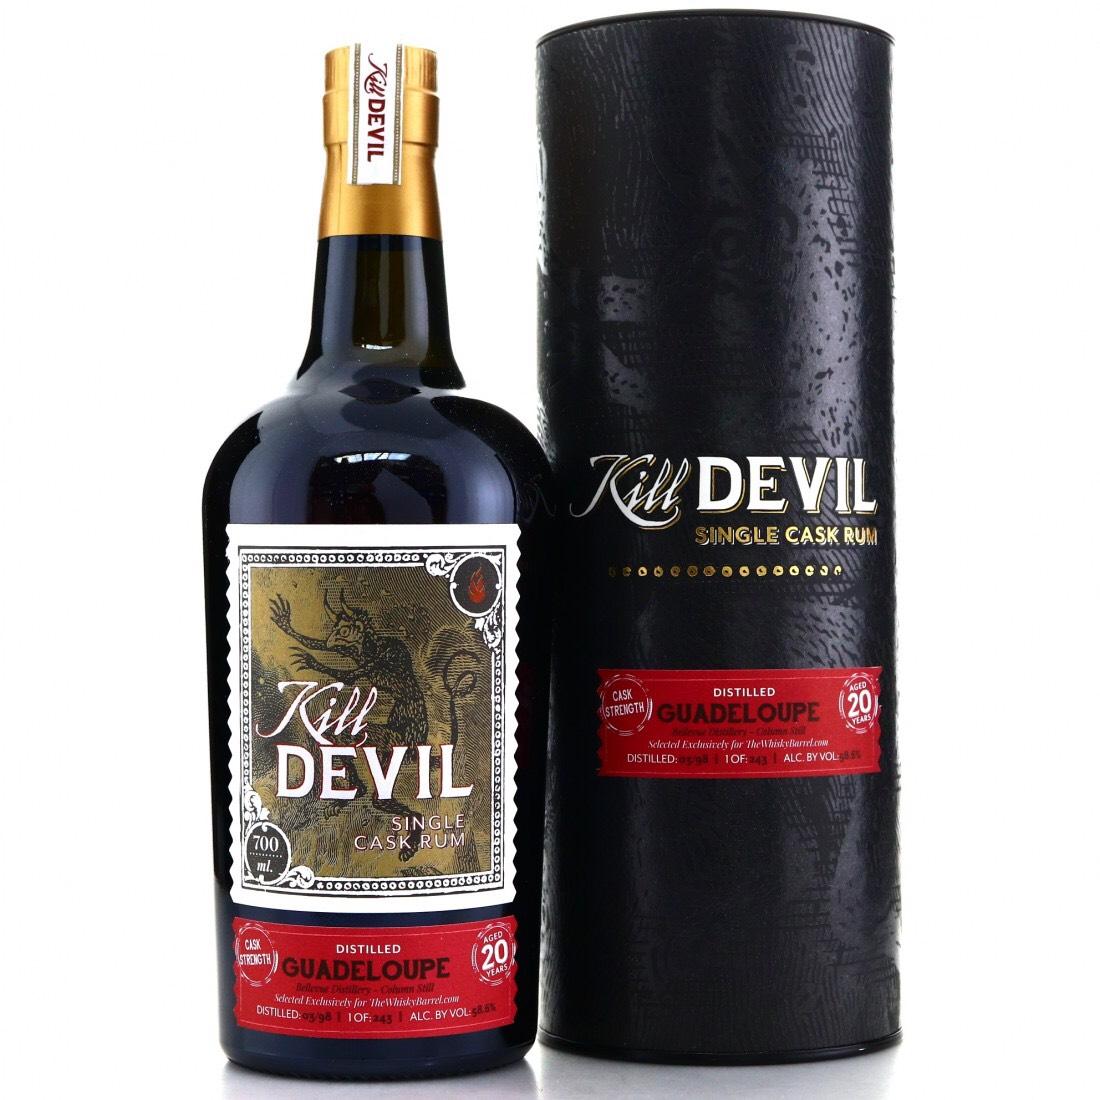 Bottle image of Kill Devil (The Whisky Barrel)